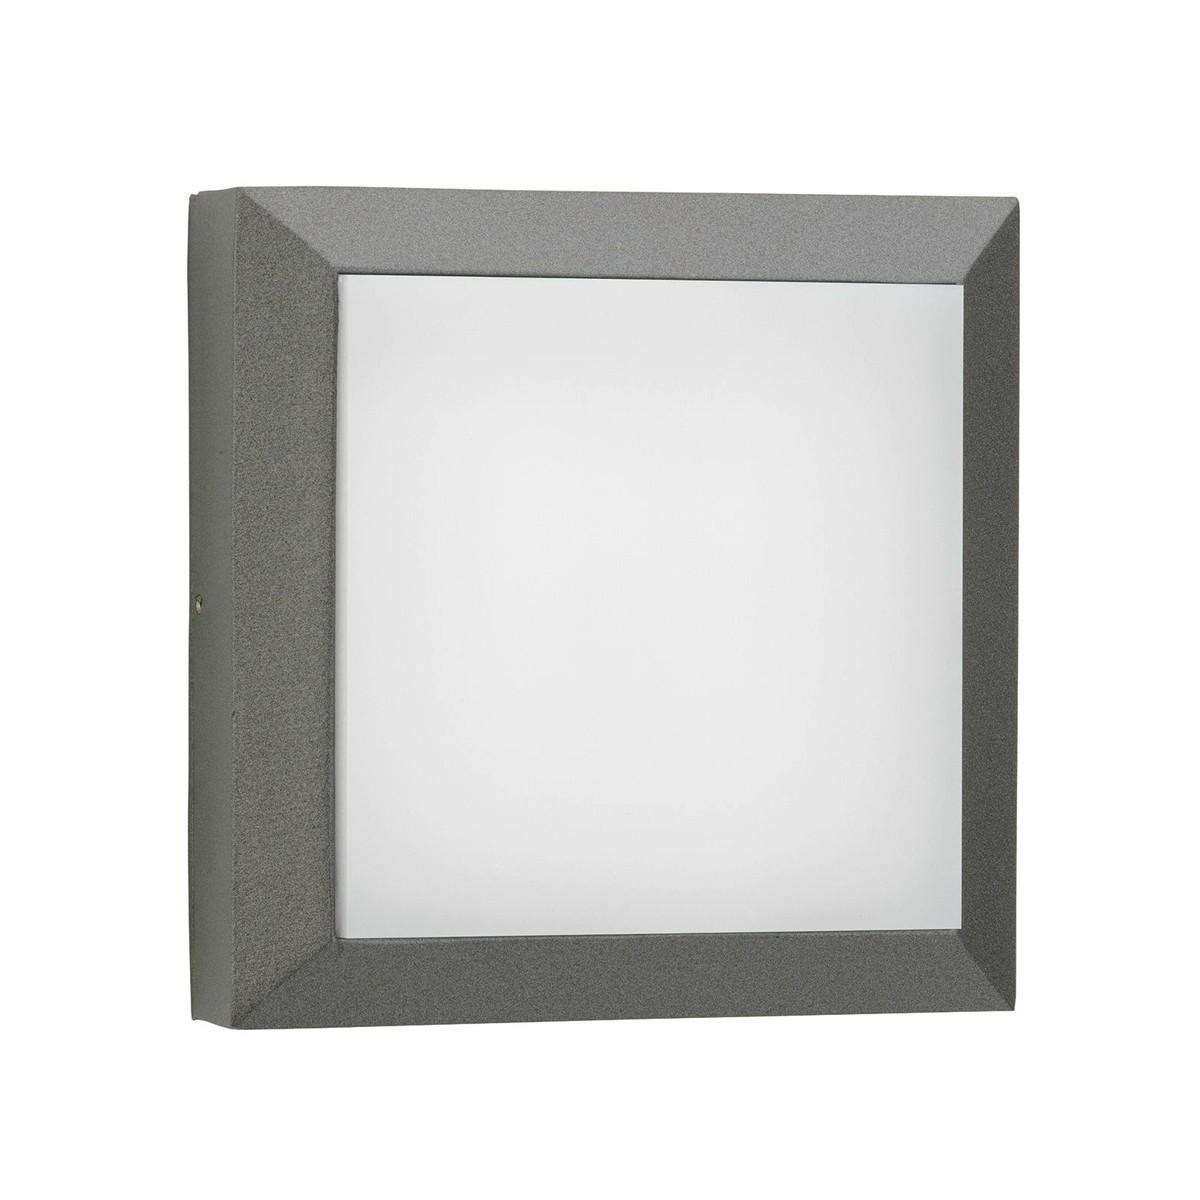 Albert 6561 LED Wand- / Deckenleuchte, anthrazit